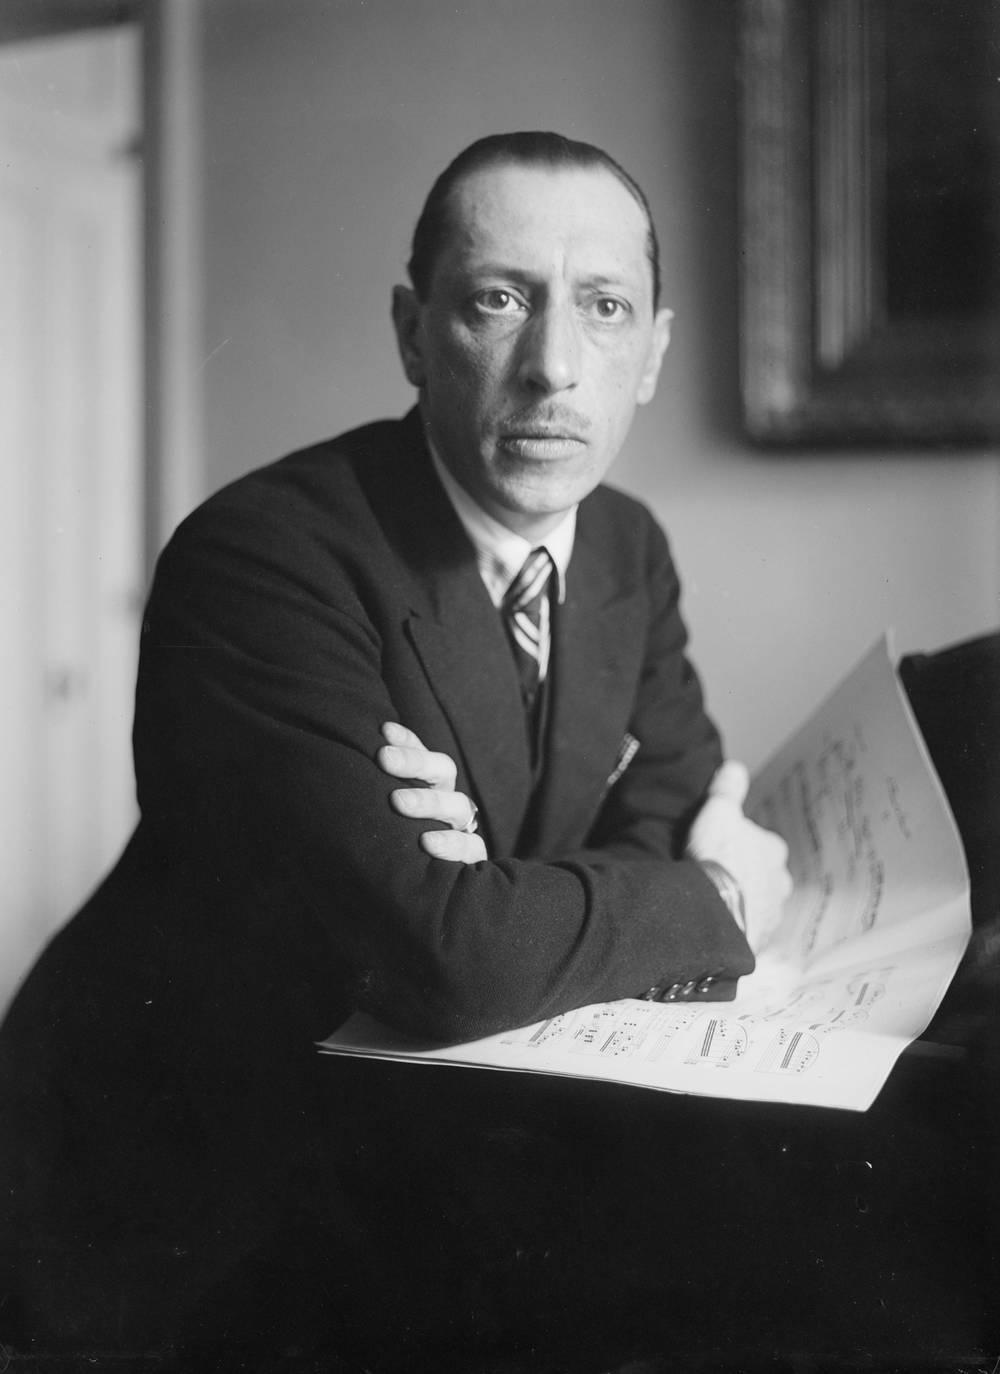 Igor_Stravinsky_LOC_32392u.jpg